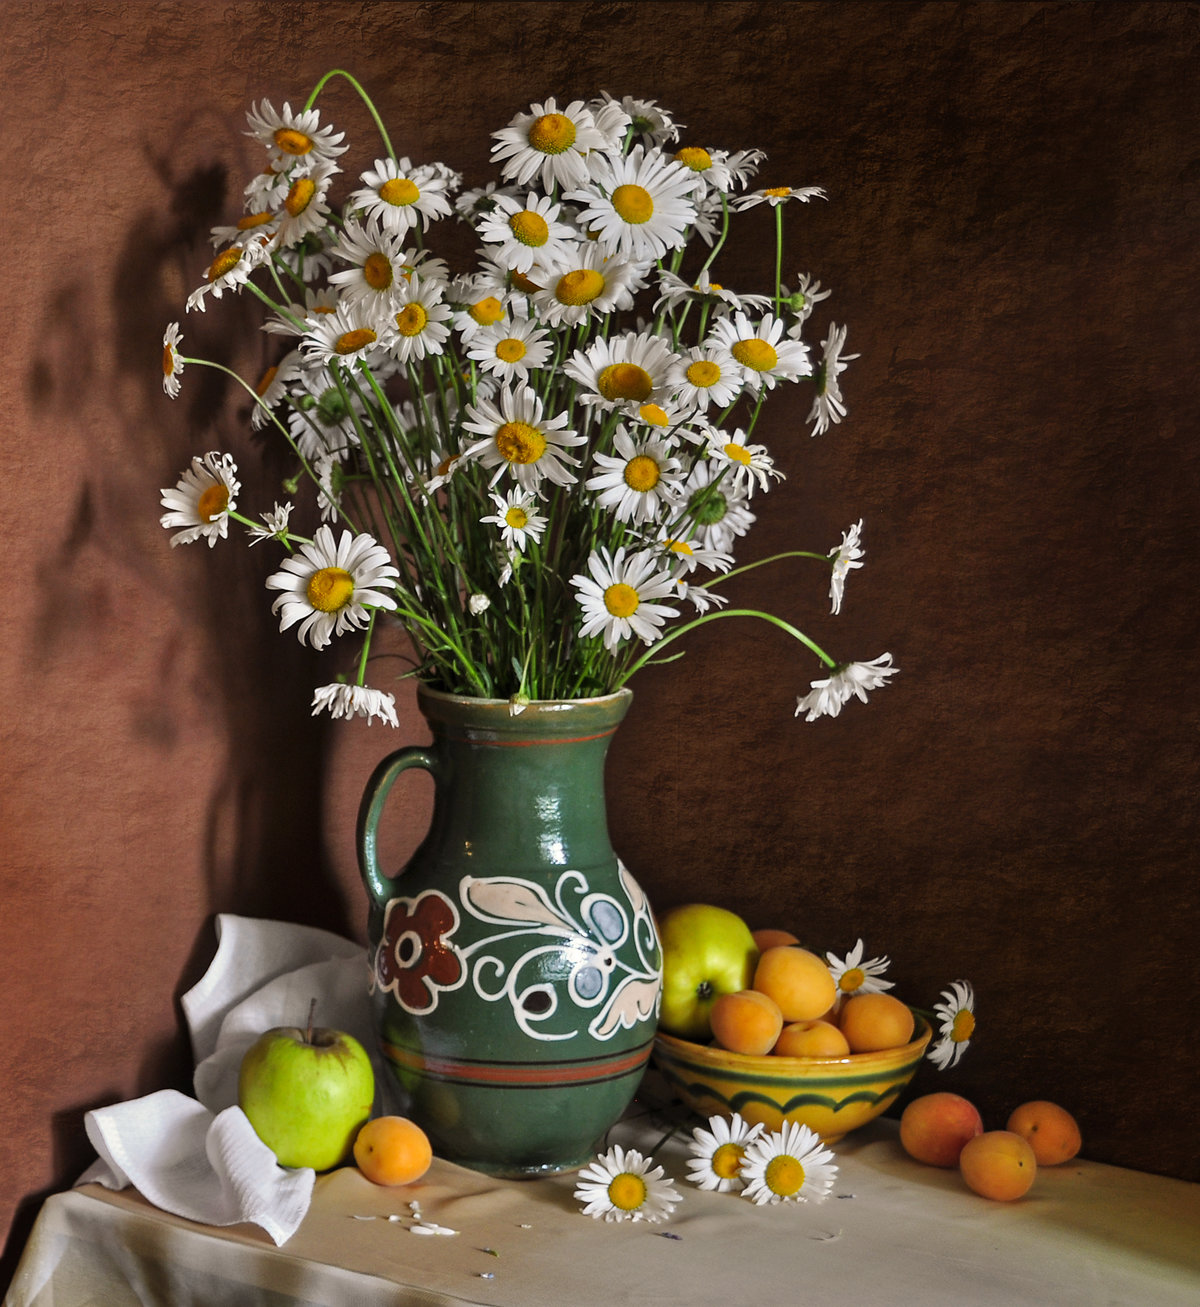 Картинки букет ромашек в вазе